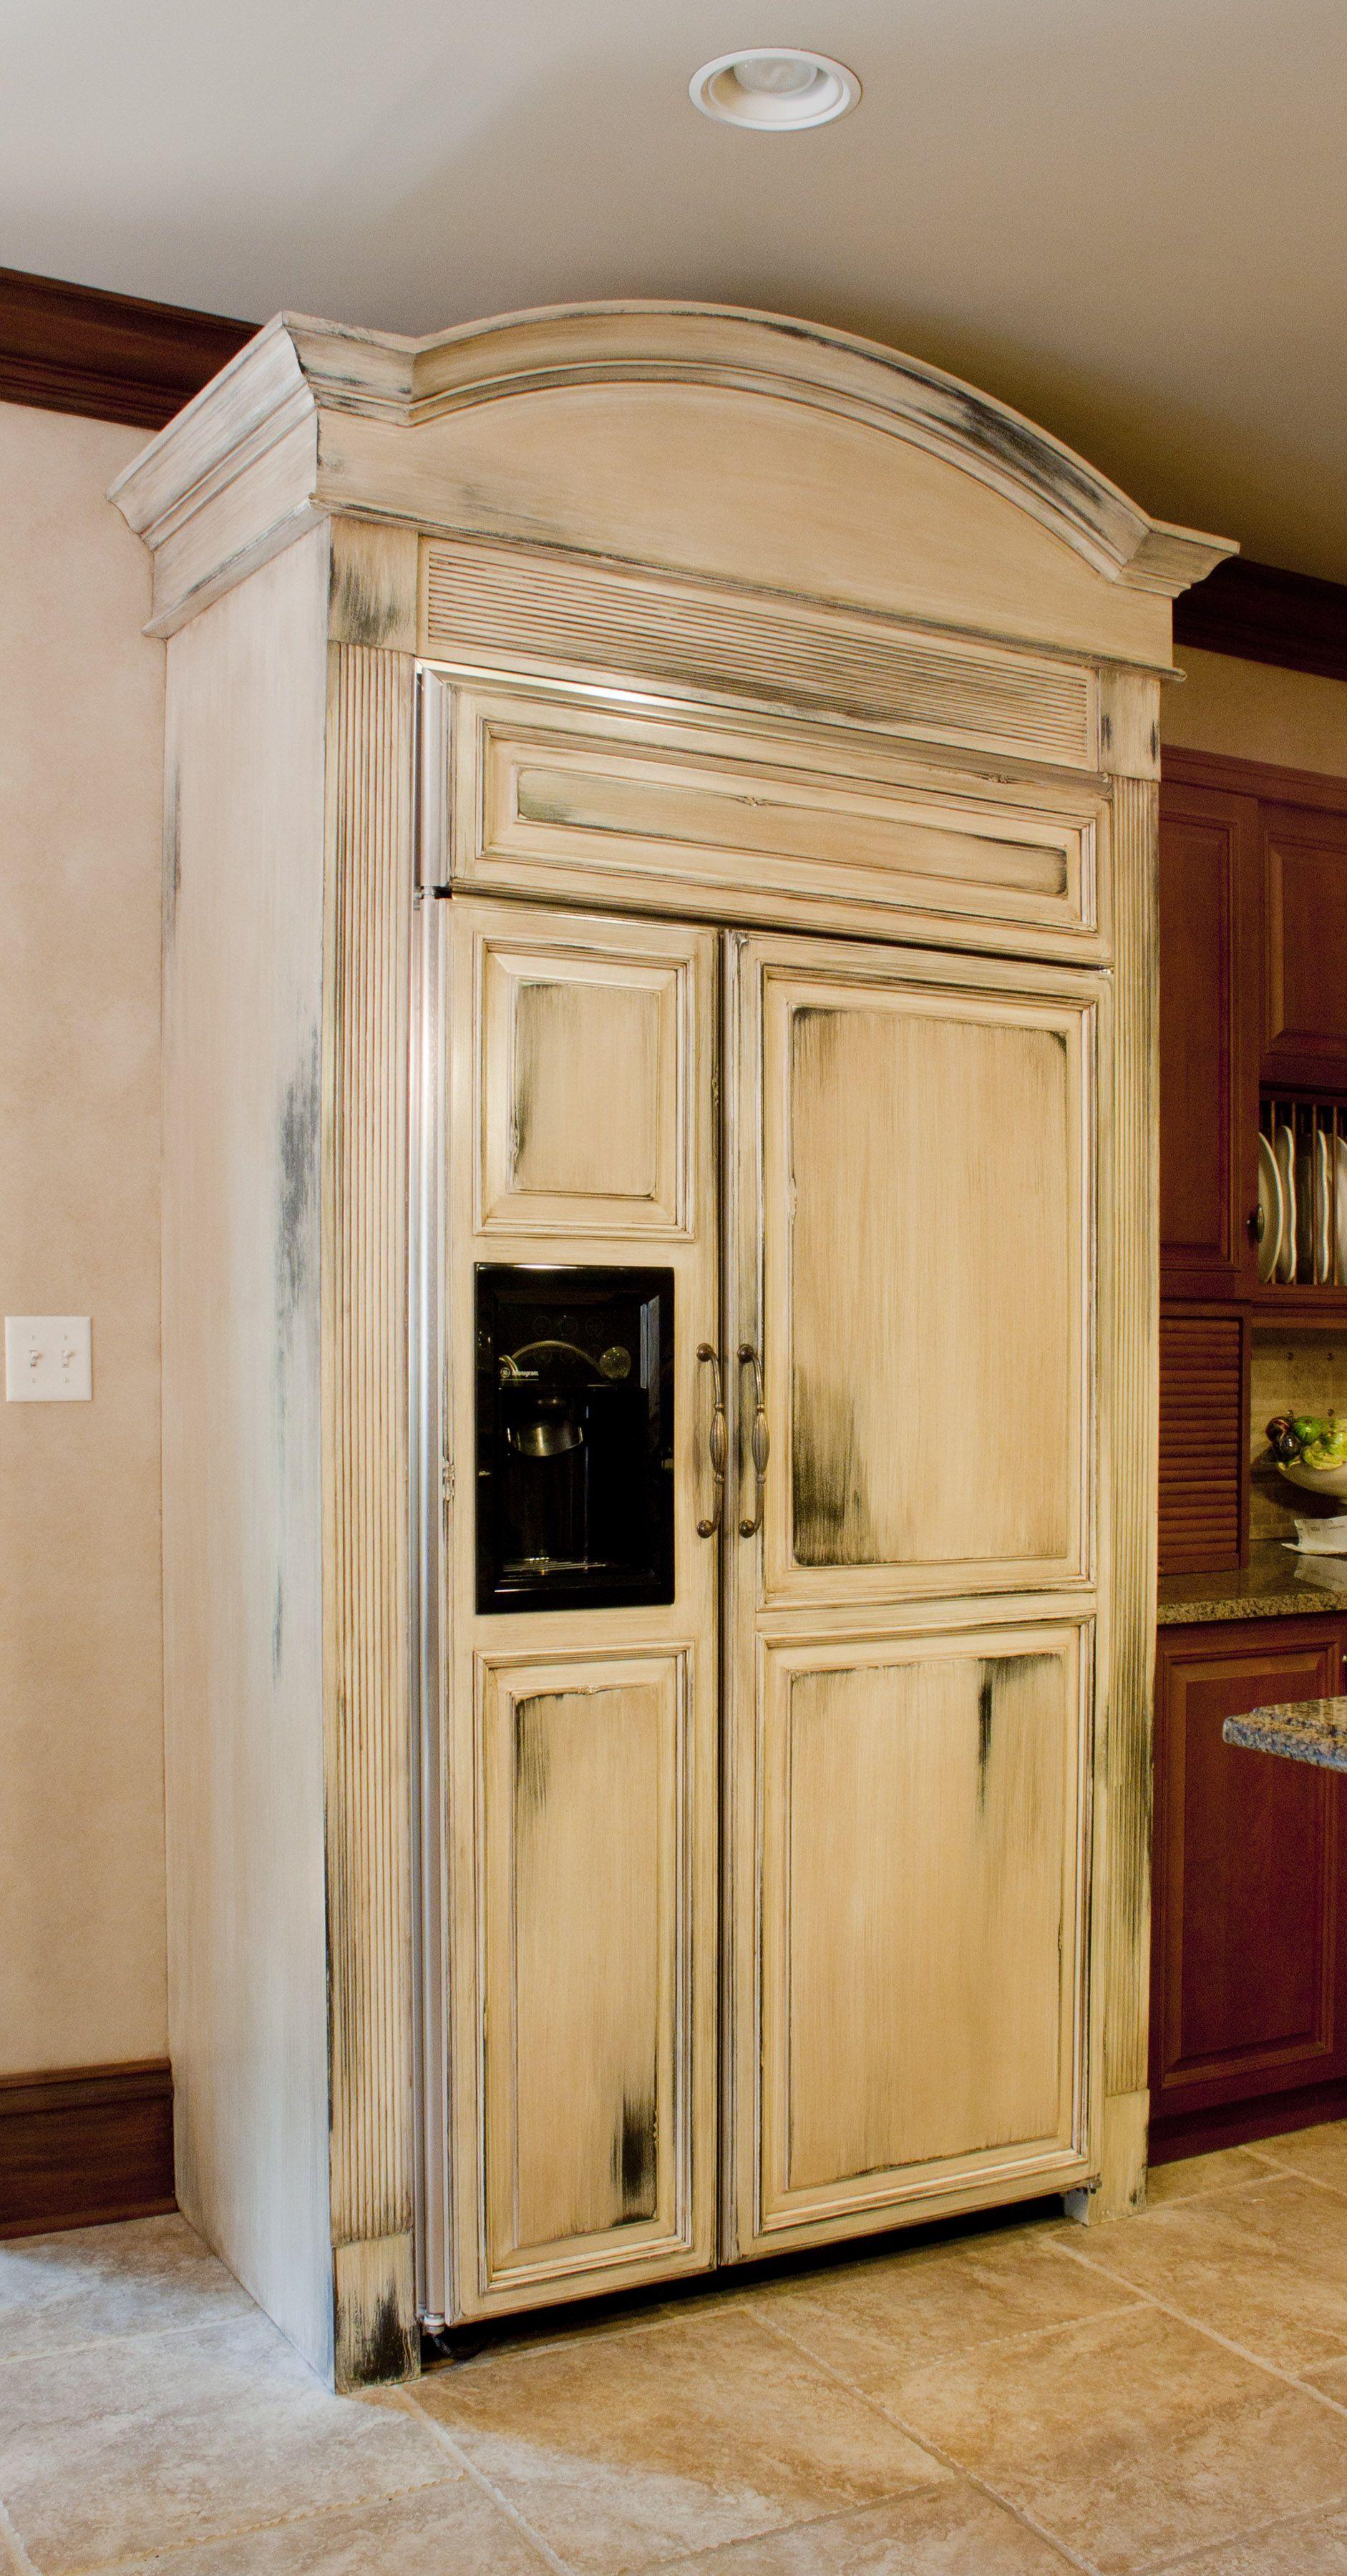 Muti Layer Distressed Paint And Glaze Finish On Paneled Refrigerator